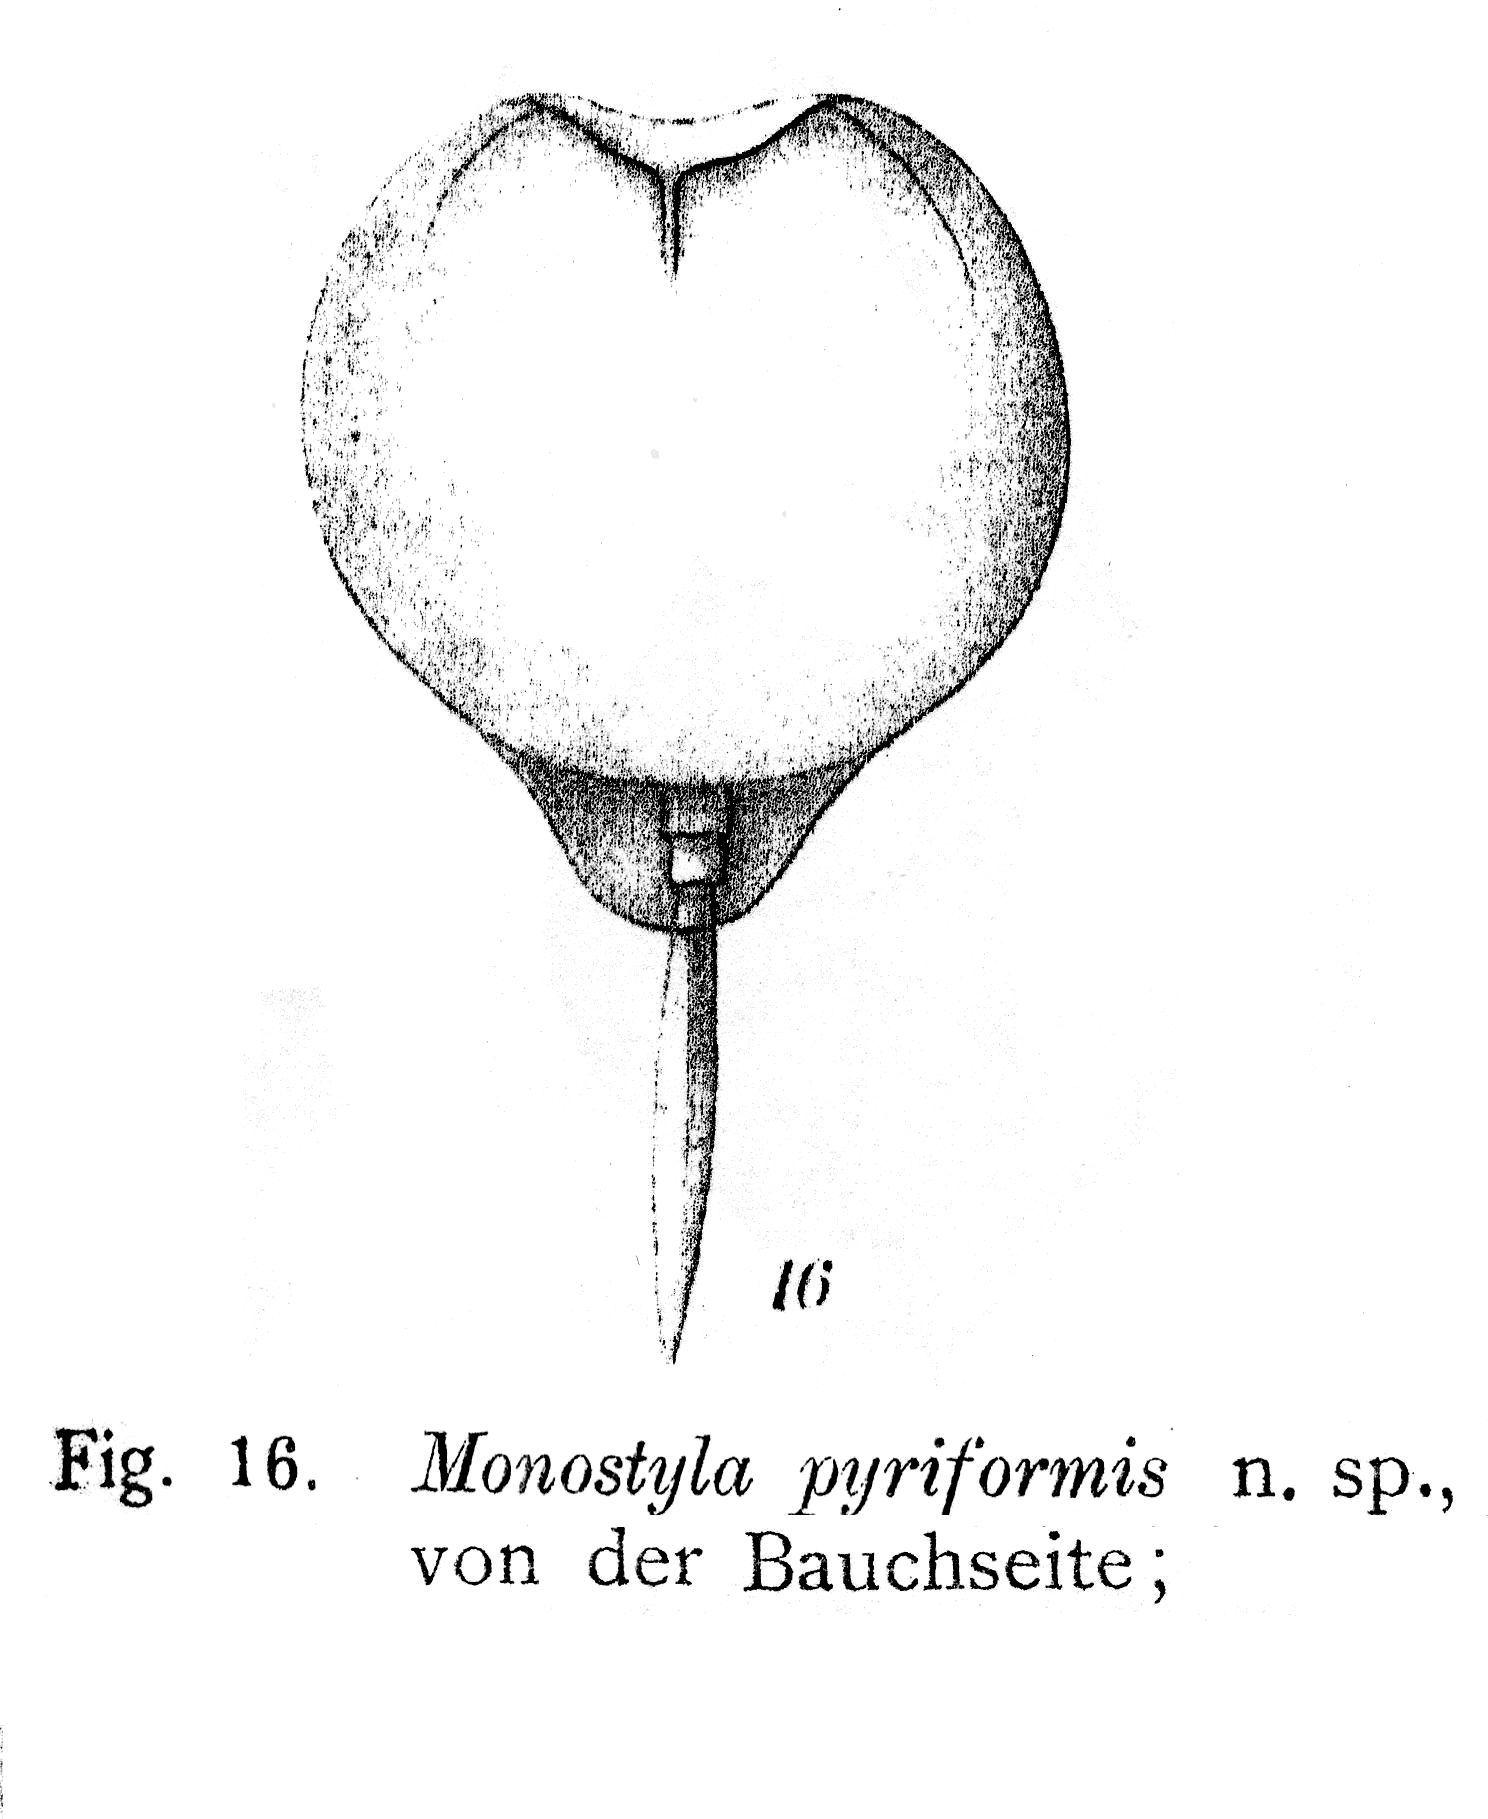 672.monostyla pyriformis daday  1905 jpg